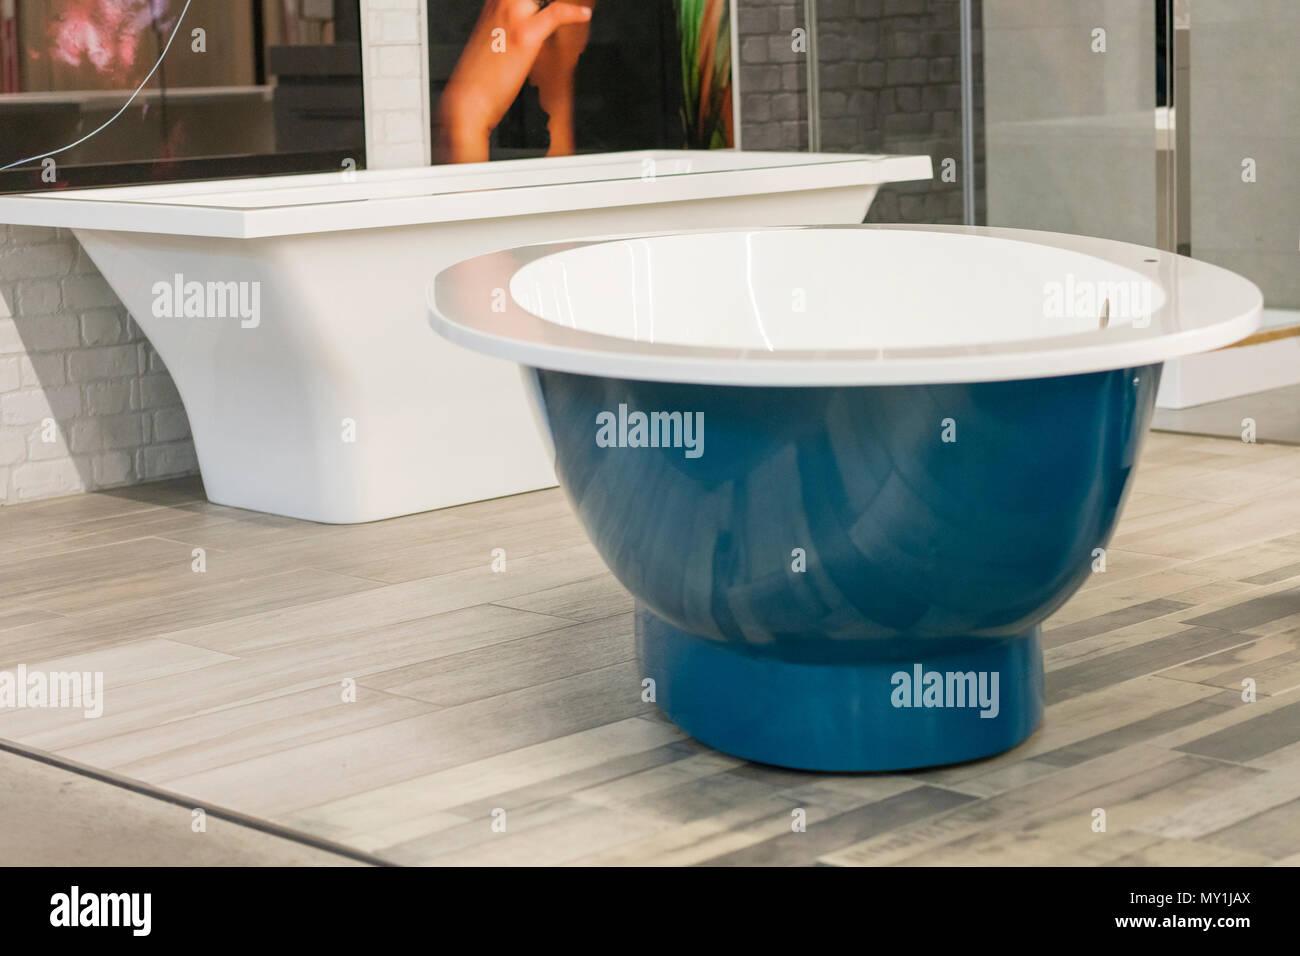 Blau Badewanne im Store. hite Badewanne im Gebäude lagern. Bäder im ...